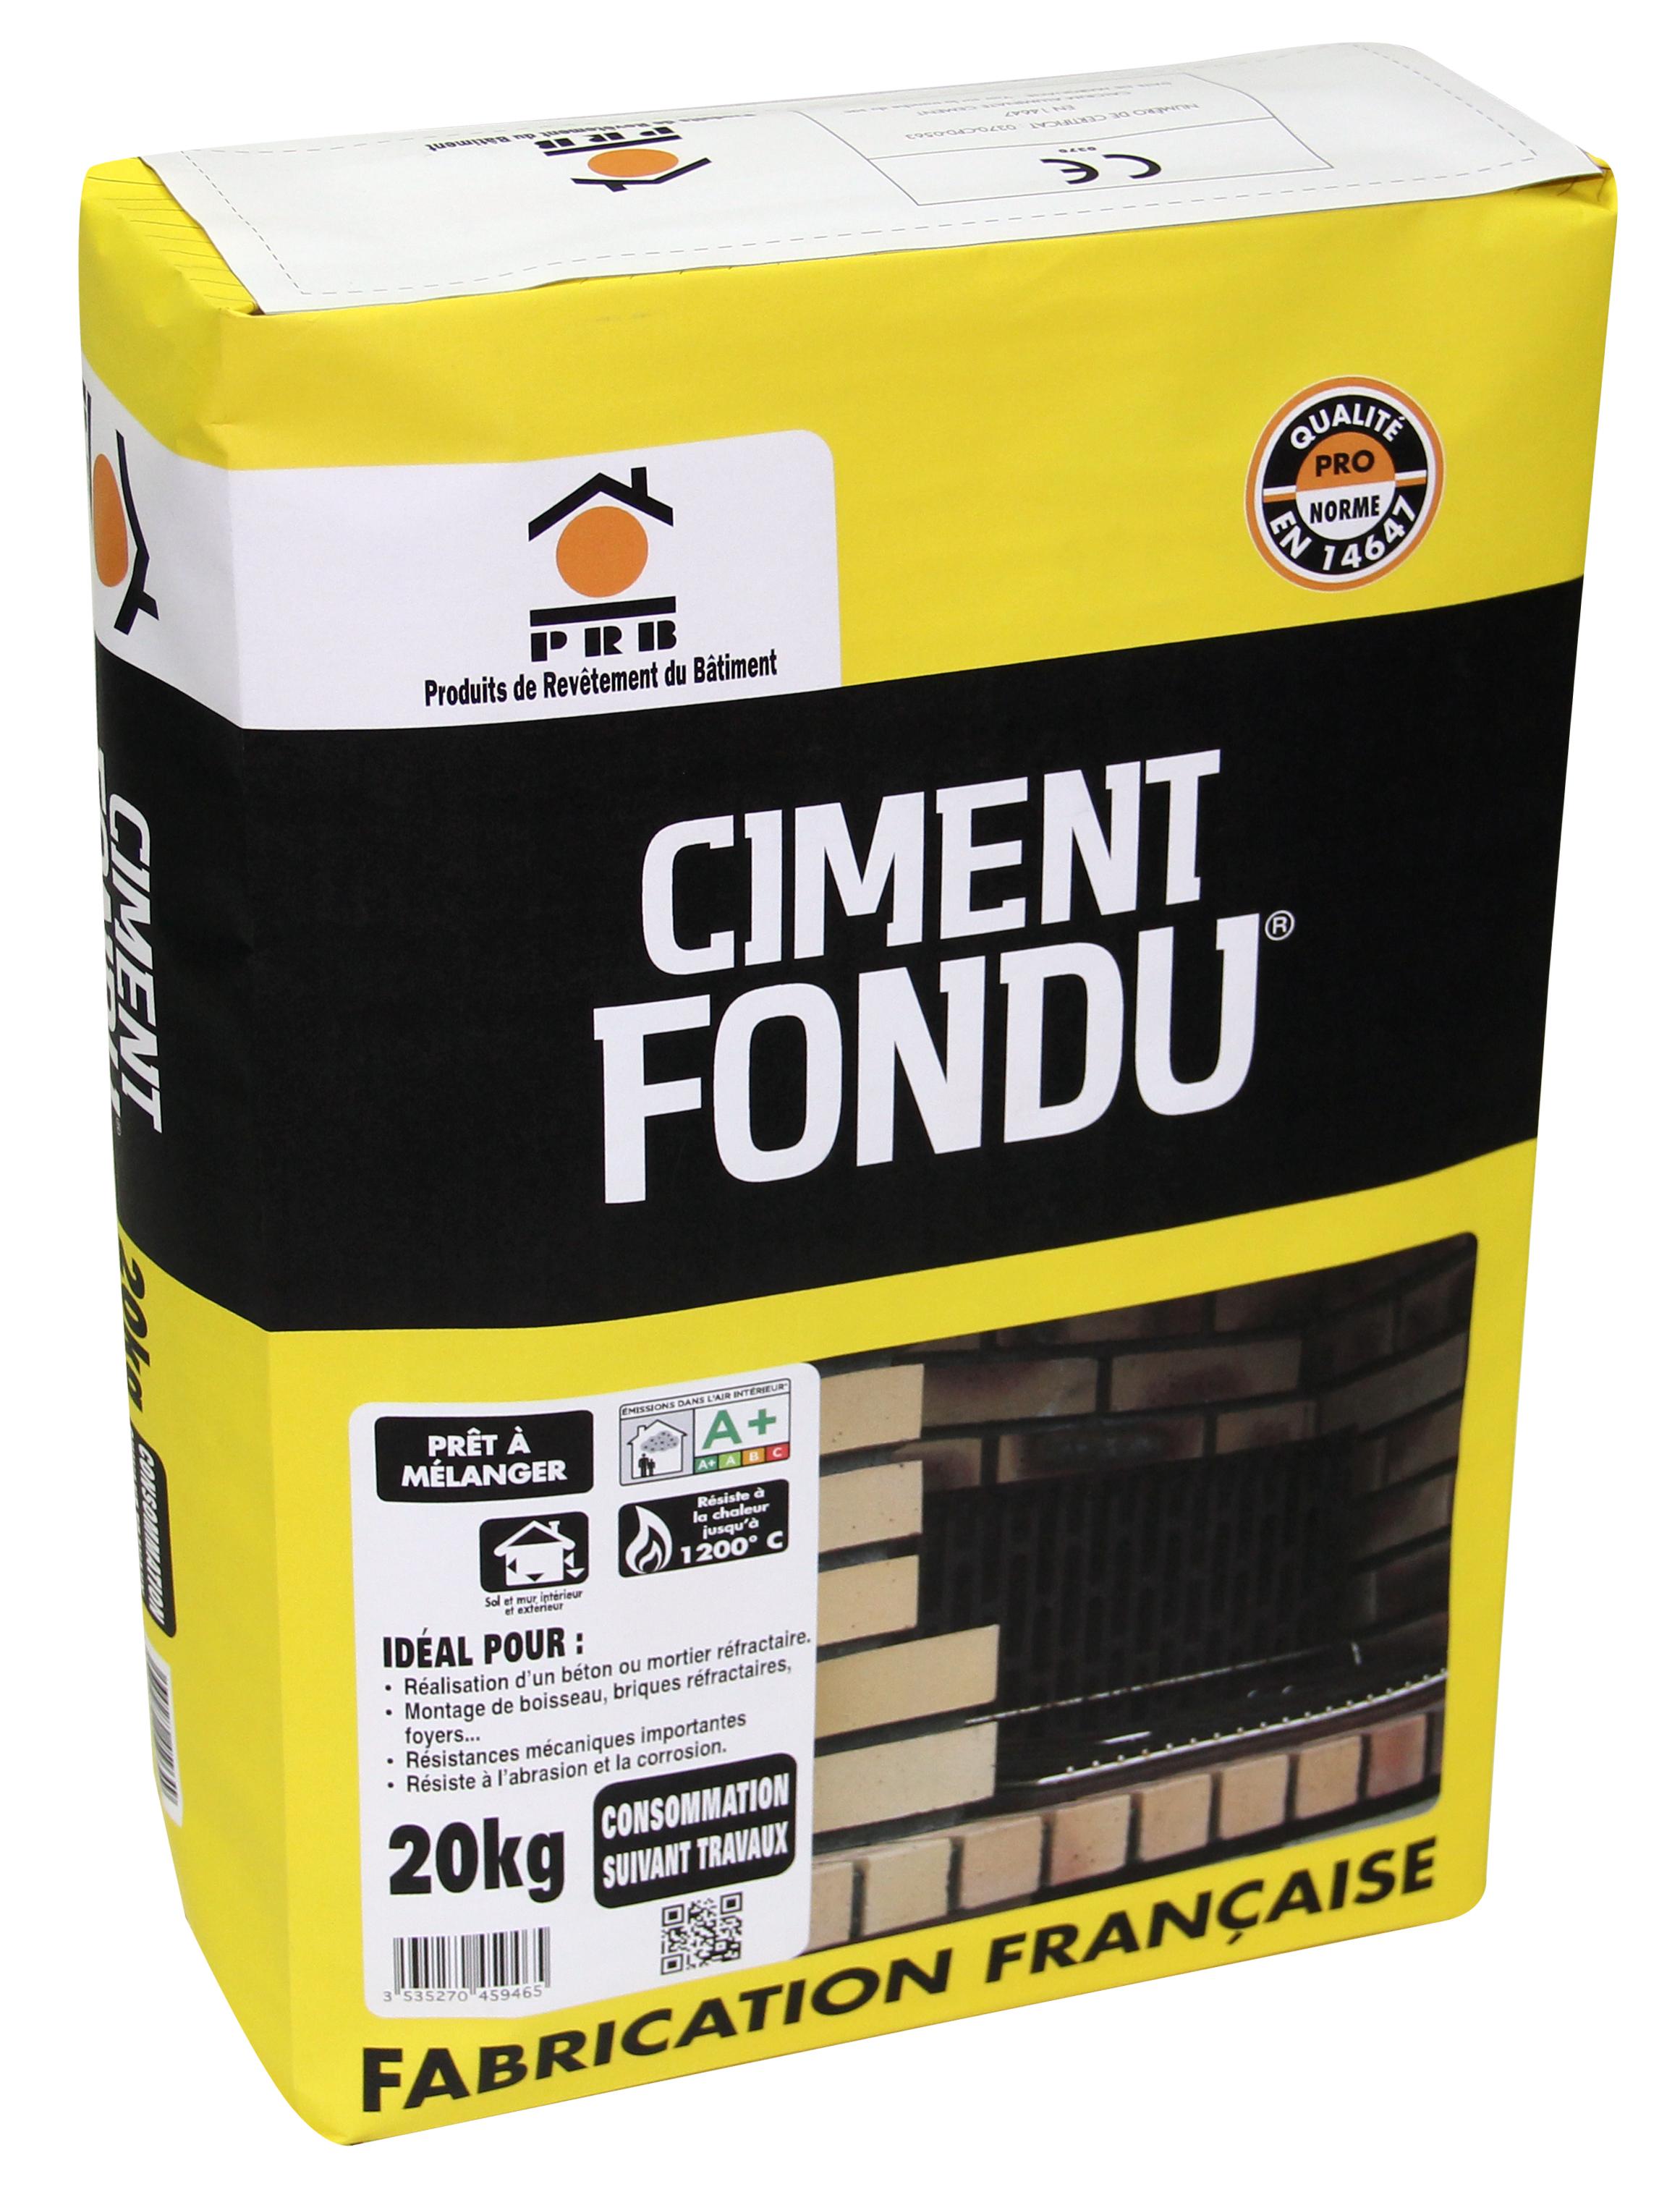 ciment fondu ciment lmb. Black Bedroom Furniture Sets. Home Design Ideas